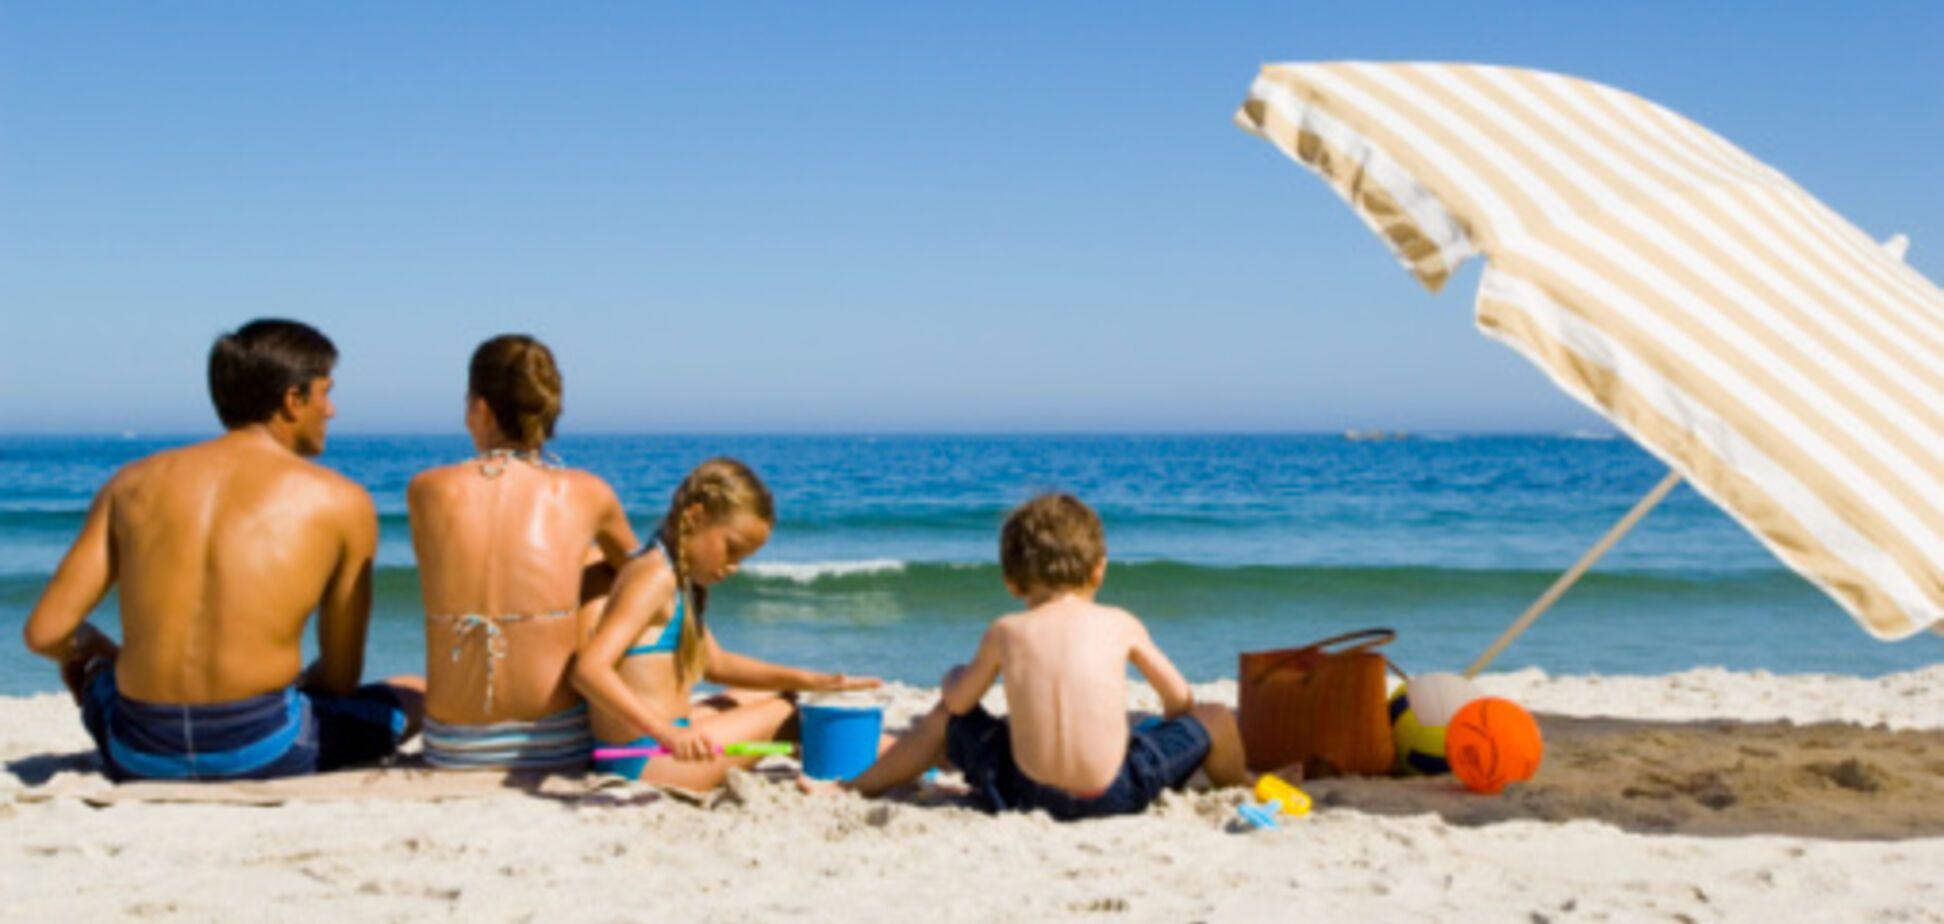 Как будут контролировать туристов на пляжах при пандемии: известны подробности